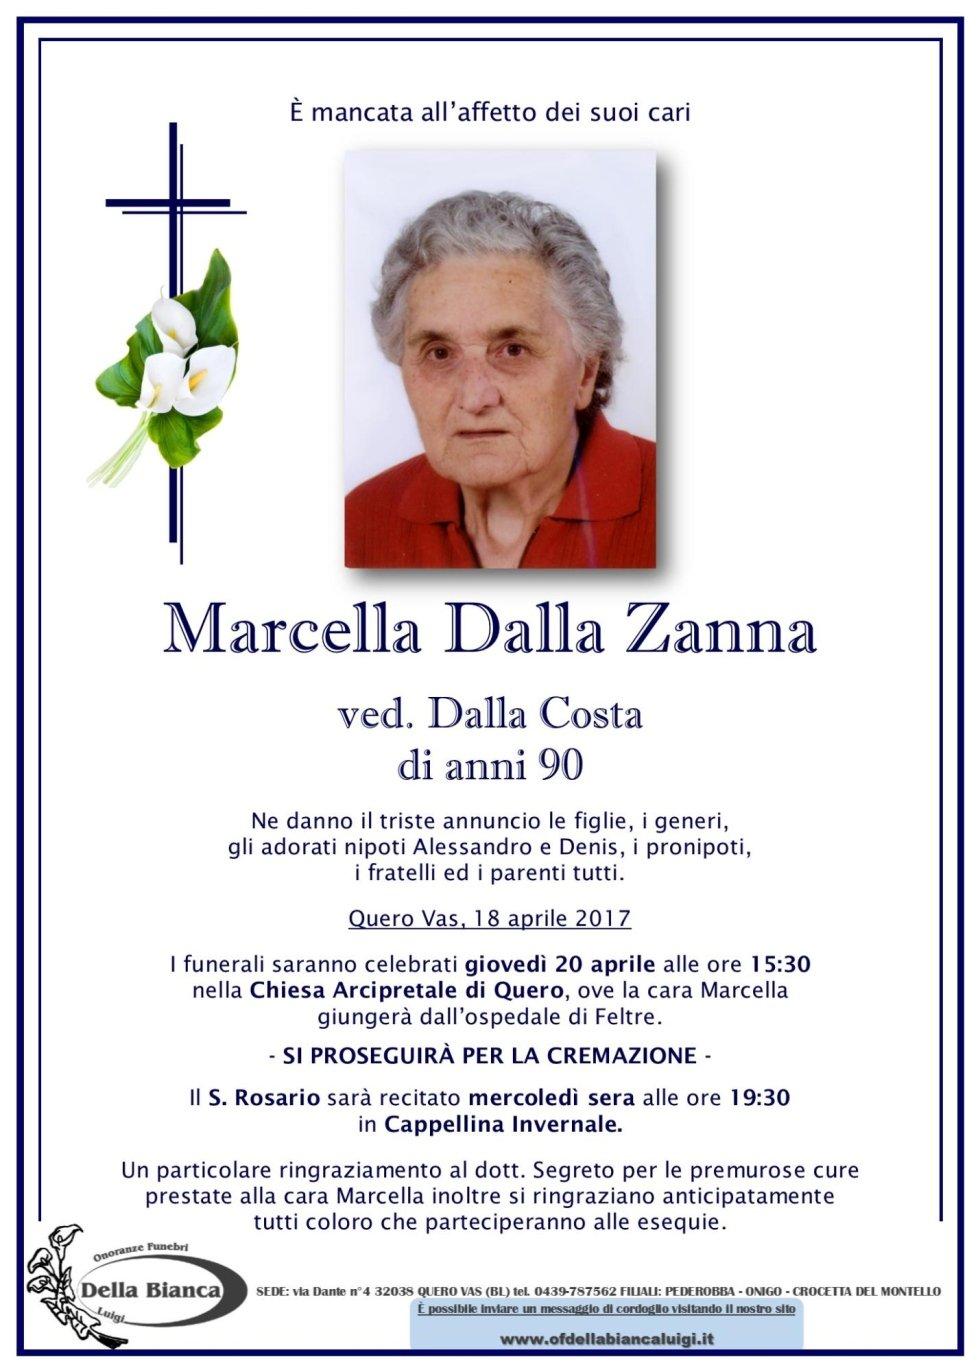 Marcella dalla Zanna